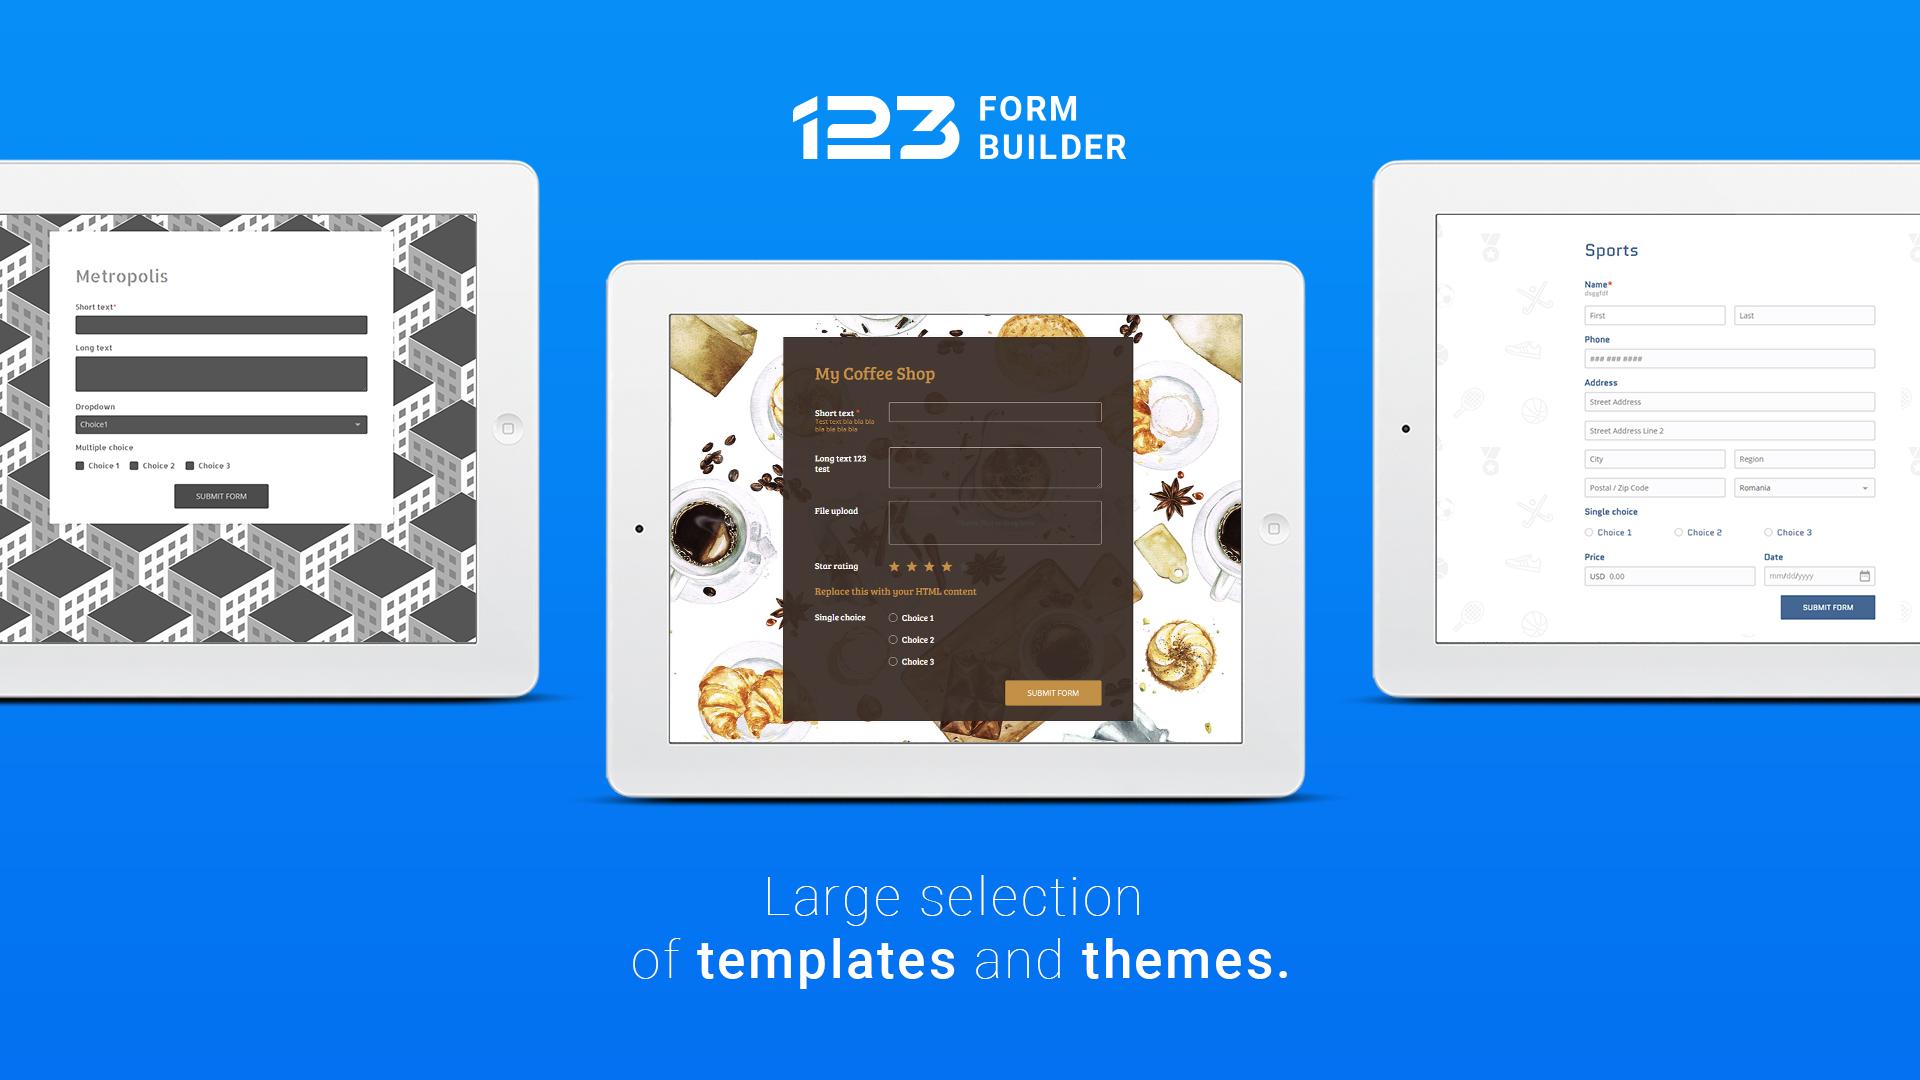 123FormBuilder web designer